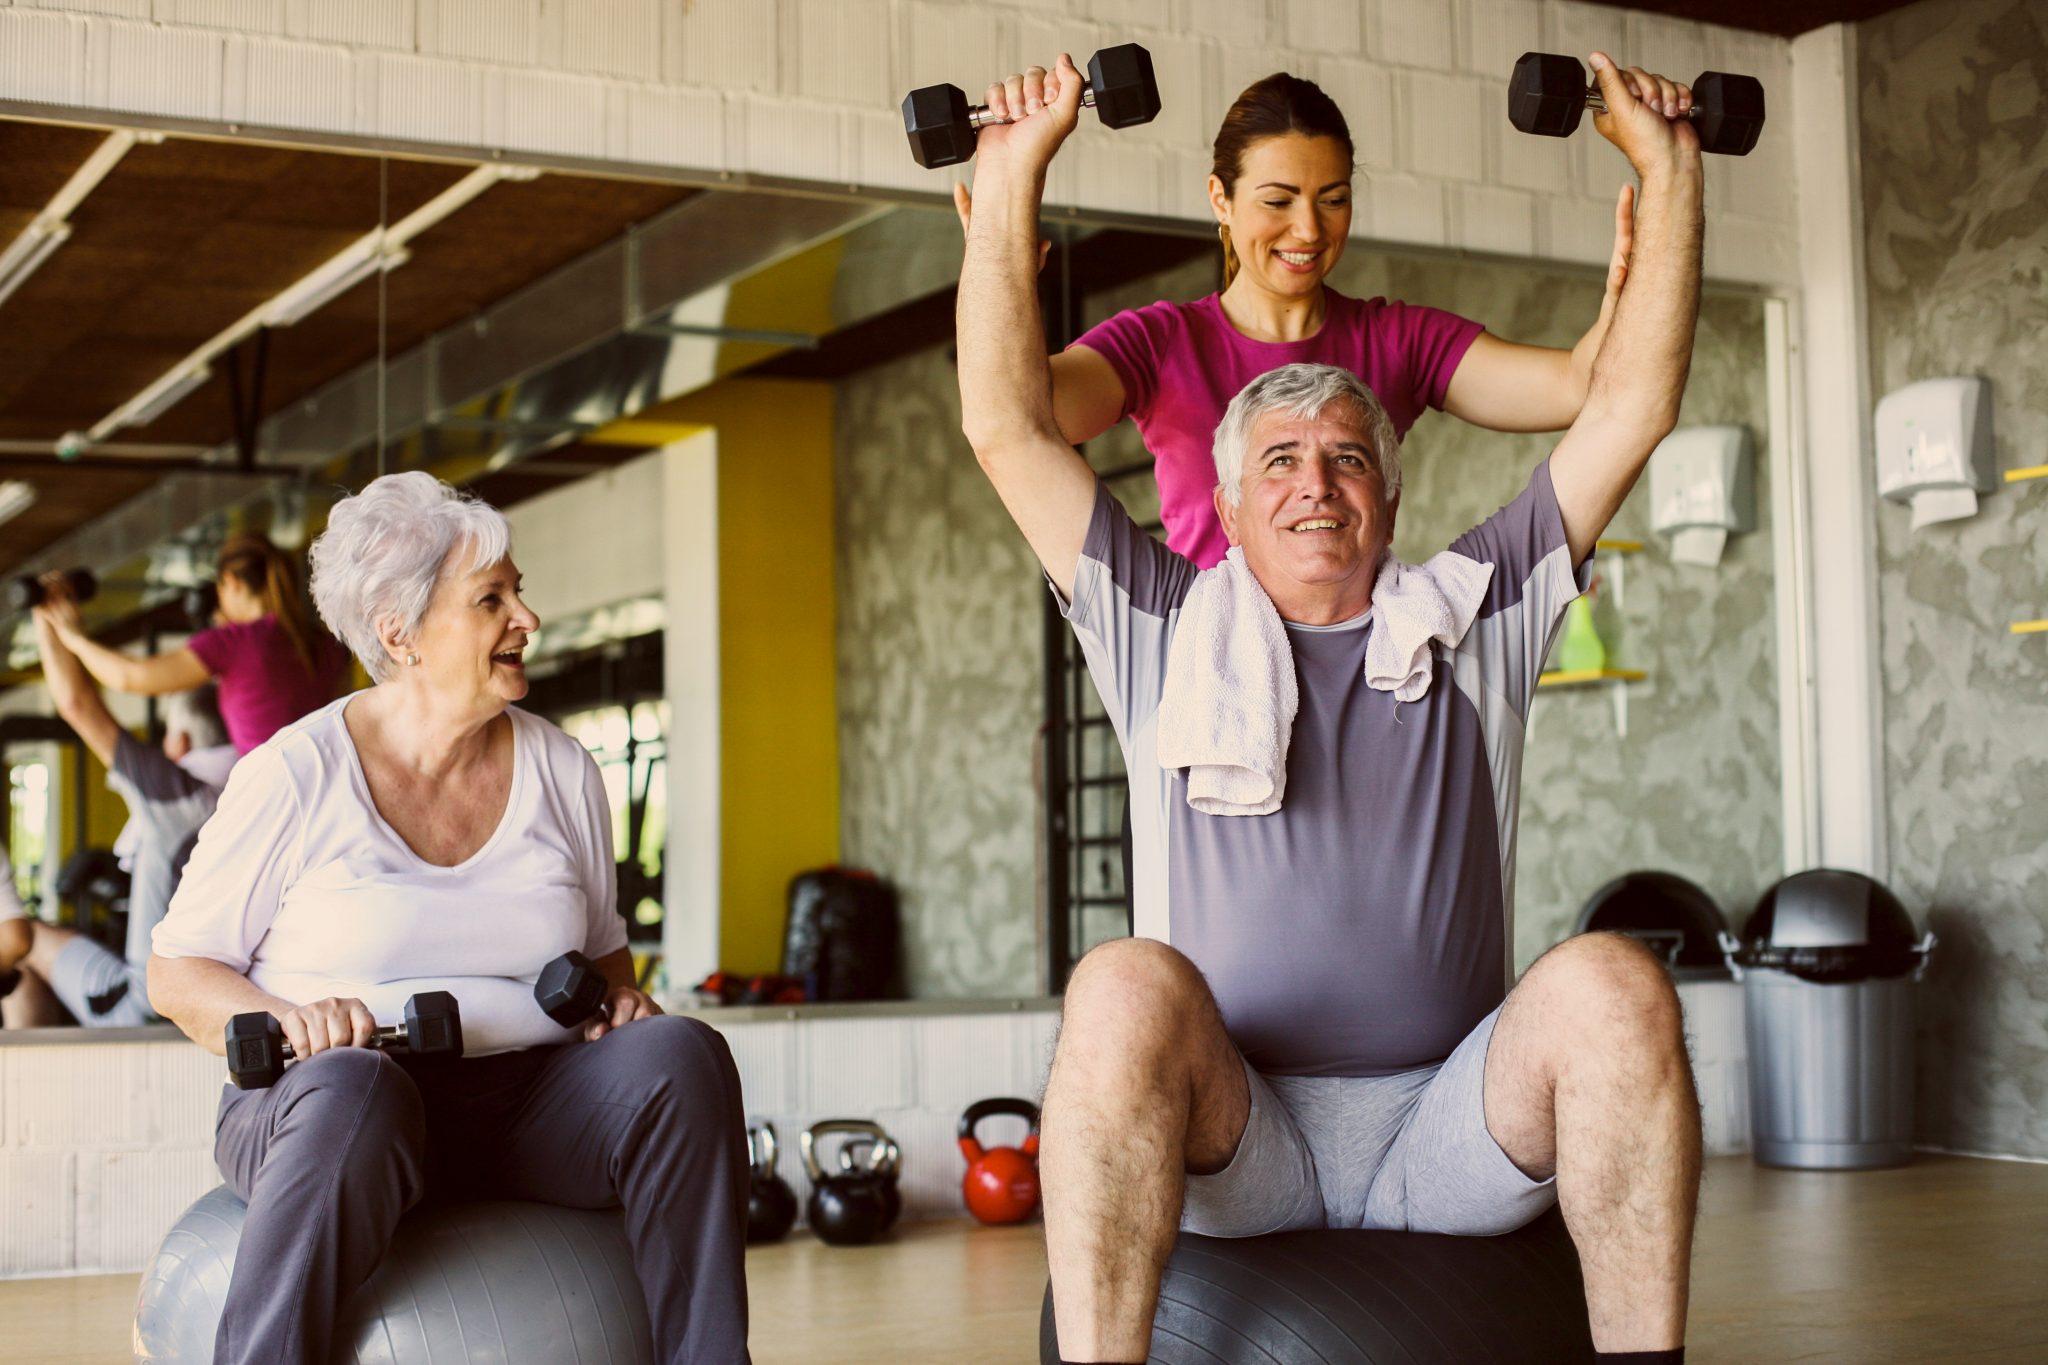 老夫婦がジムで身体を鍛えている